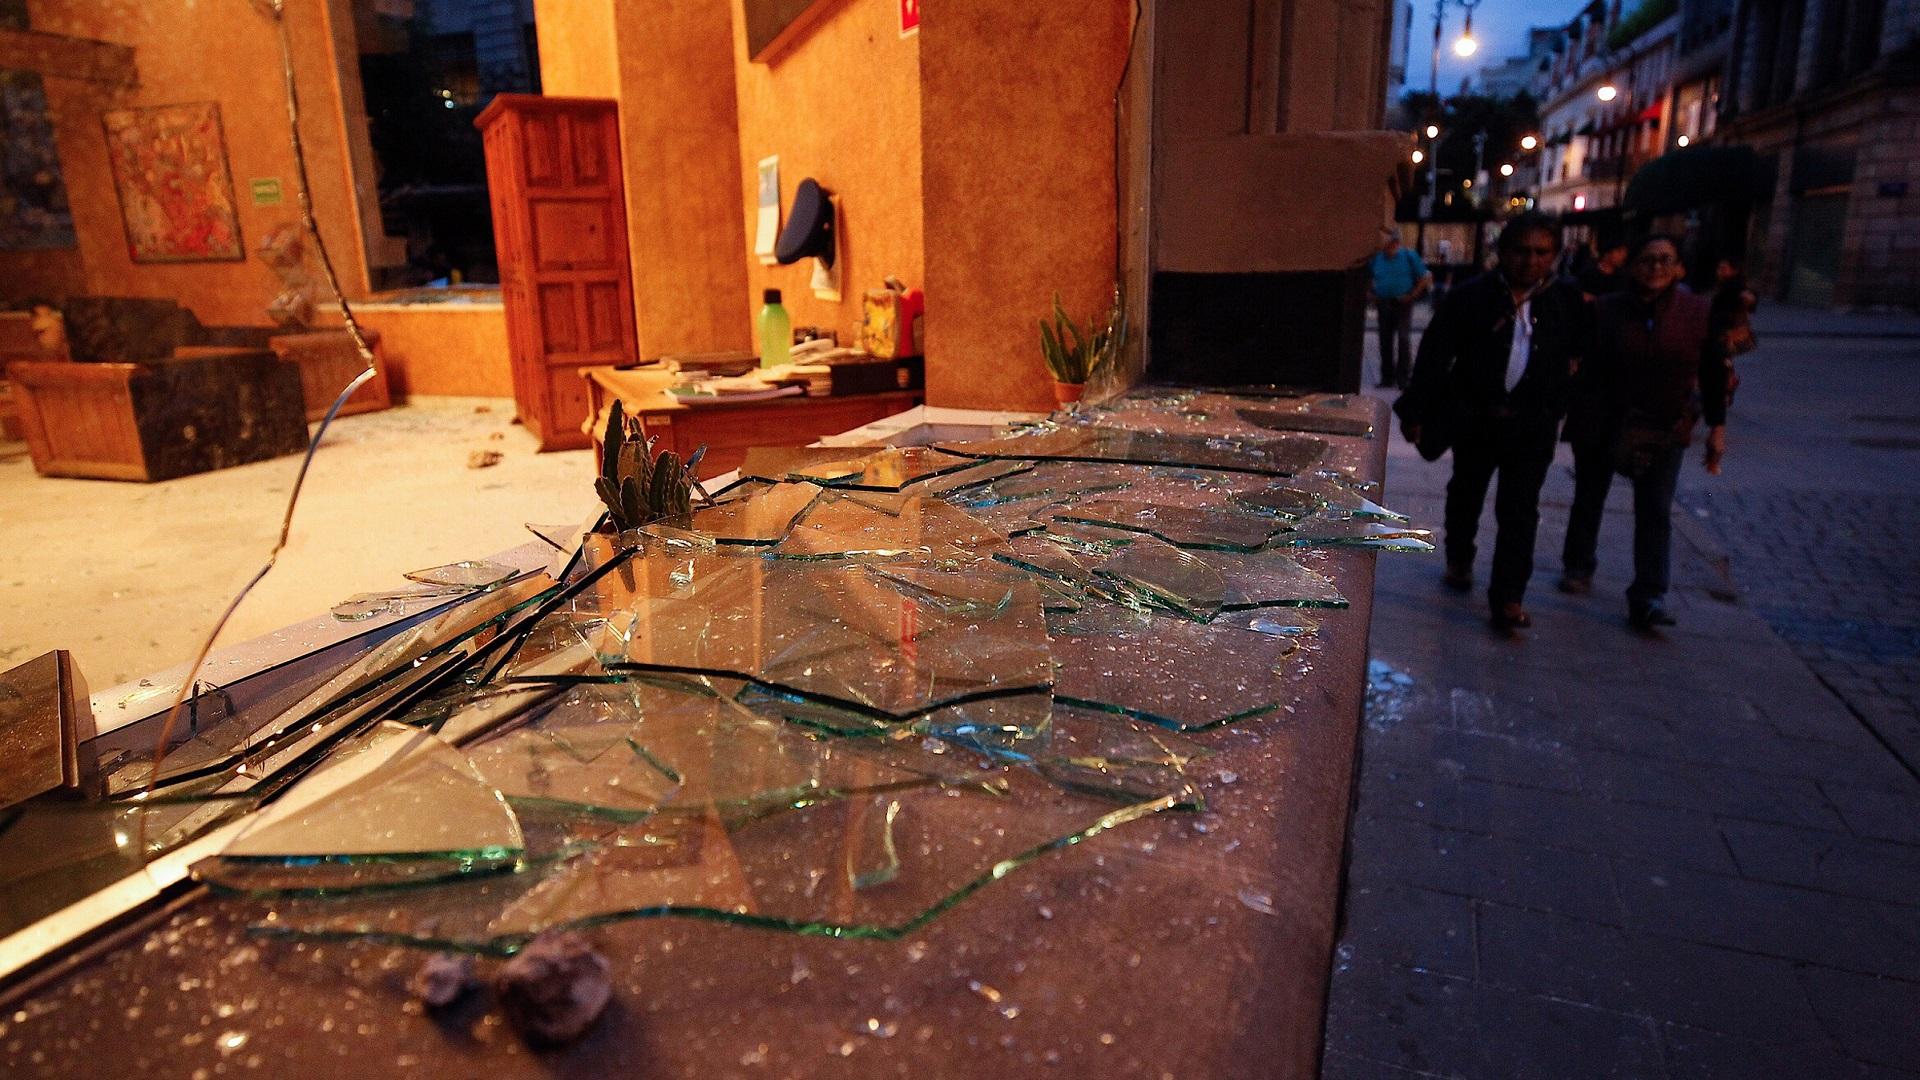 Pintas, basura y vidrios rotos fue el resultado de los actos vandálicos por parte de encapuchados durante la marcha de los 43 normalistas de Ayotzinapa, a cinco años de su desaparición. Foto de Notimex